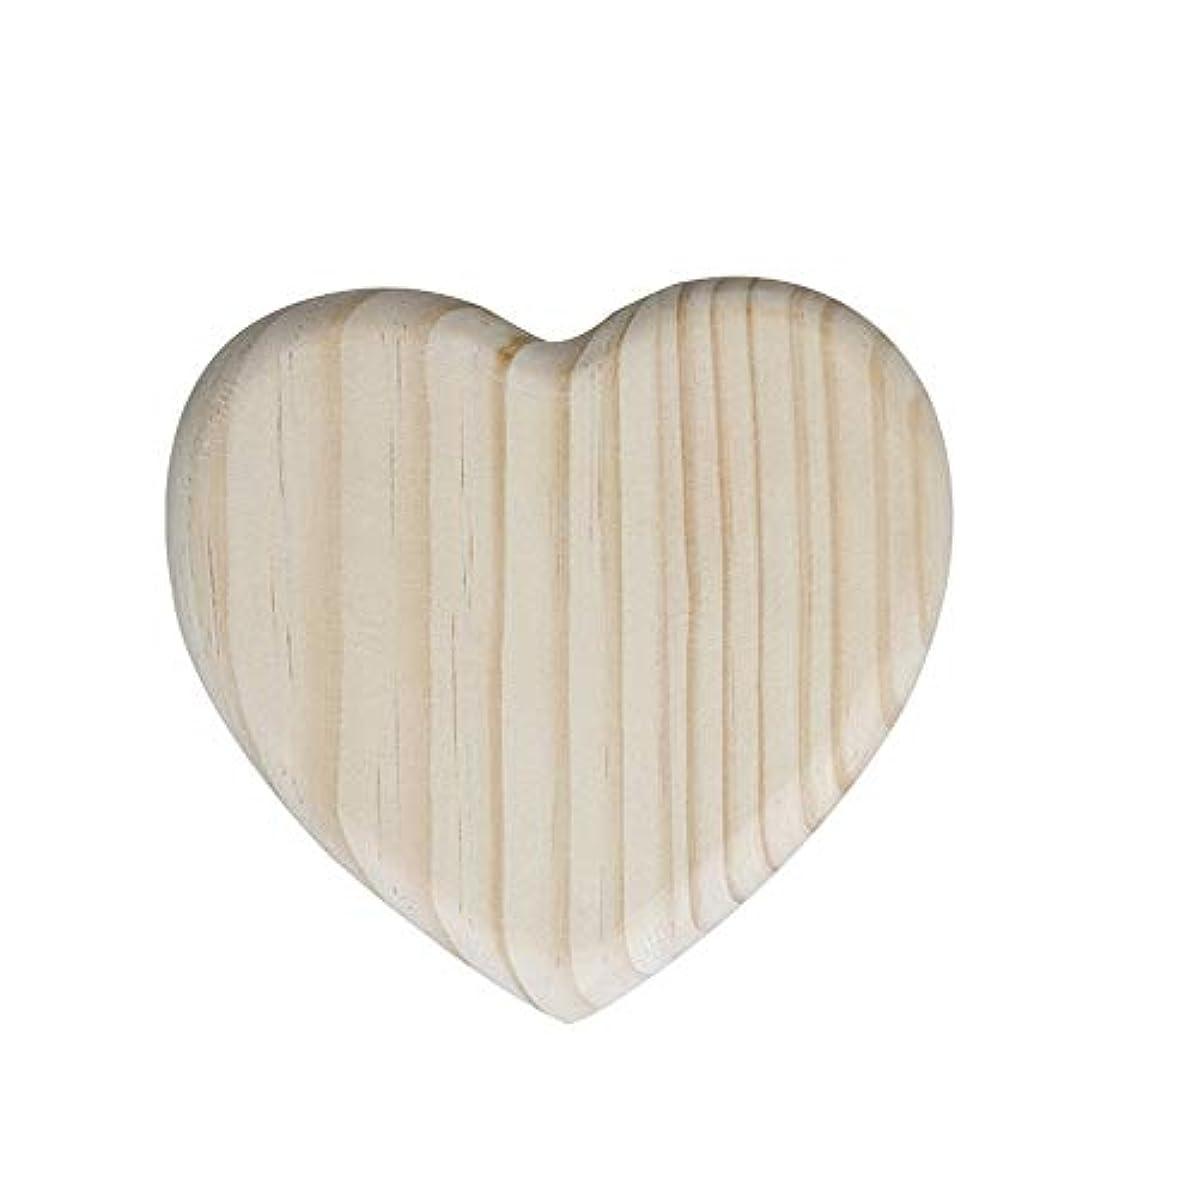 調整する乳白色苦エッセンシャルオイルの保管 ハート手作りの装飾的な木のエッセンシャルオイルボックス主催者は16の油ボトルを保持します (色 : Natural, サイズ : 11X12X3.3CM)